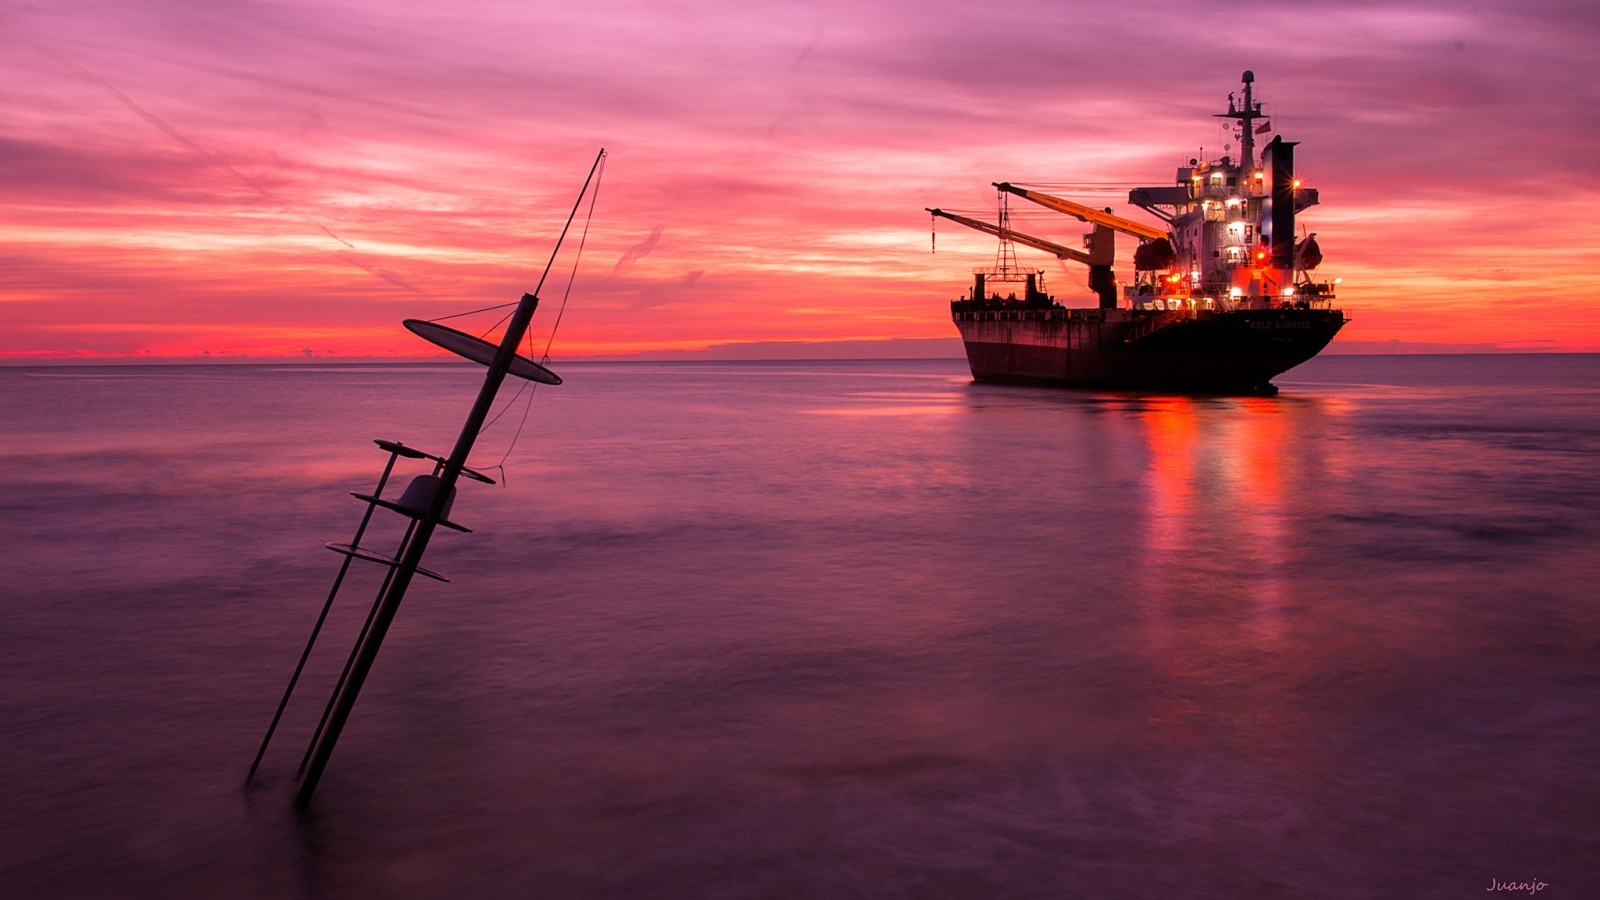 Un atardecer y un gran barco - 1600x900